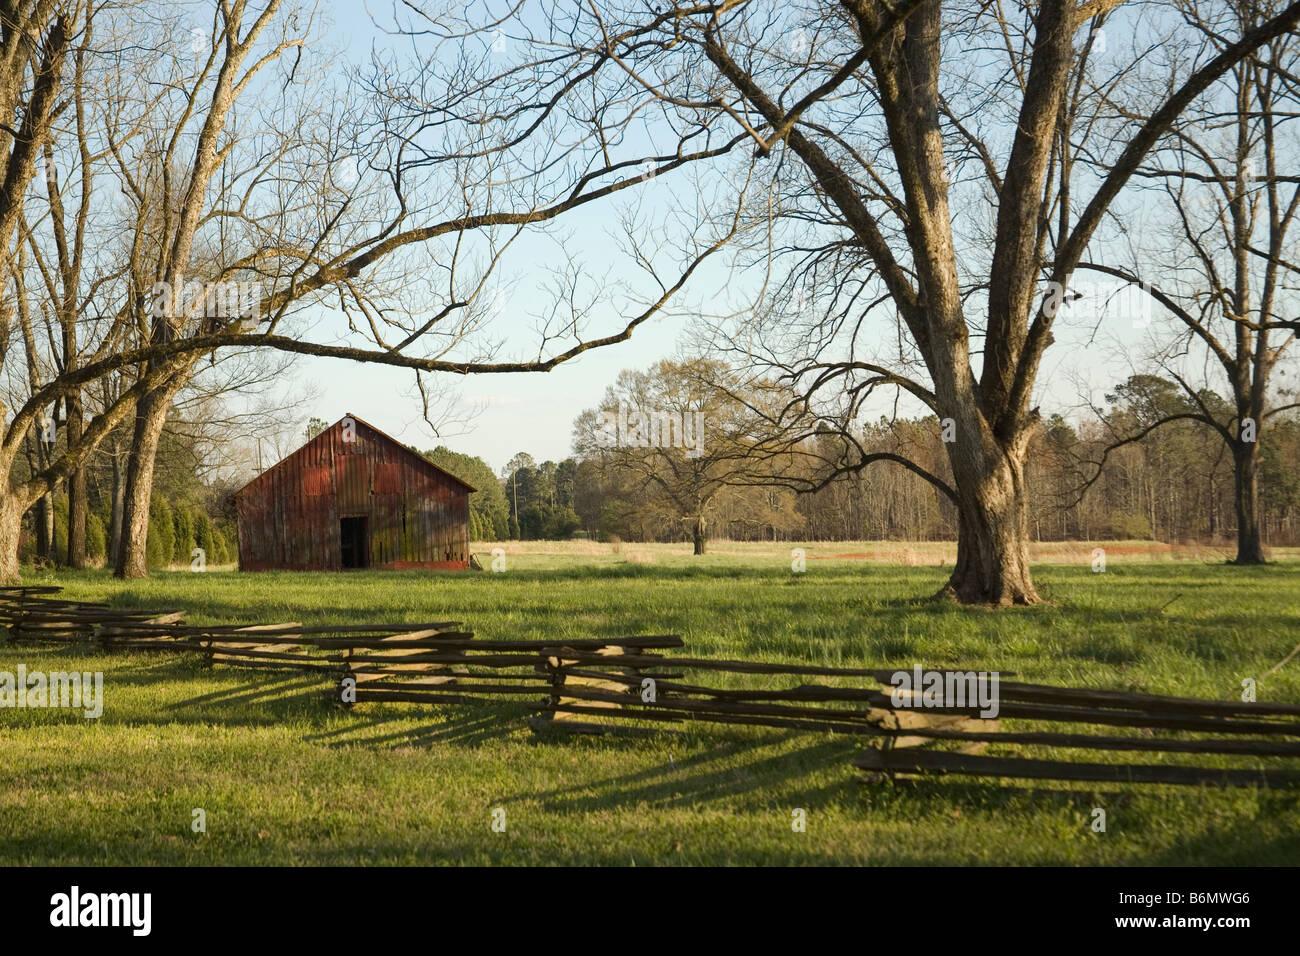 Rote Scheune In Grune Wiese Hinter Split Zaun Aus Holz Madison